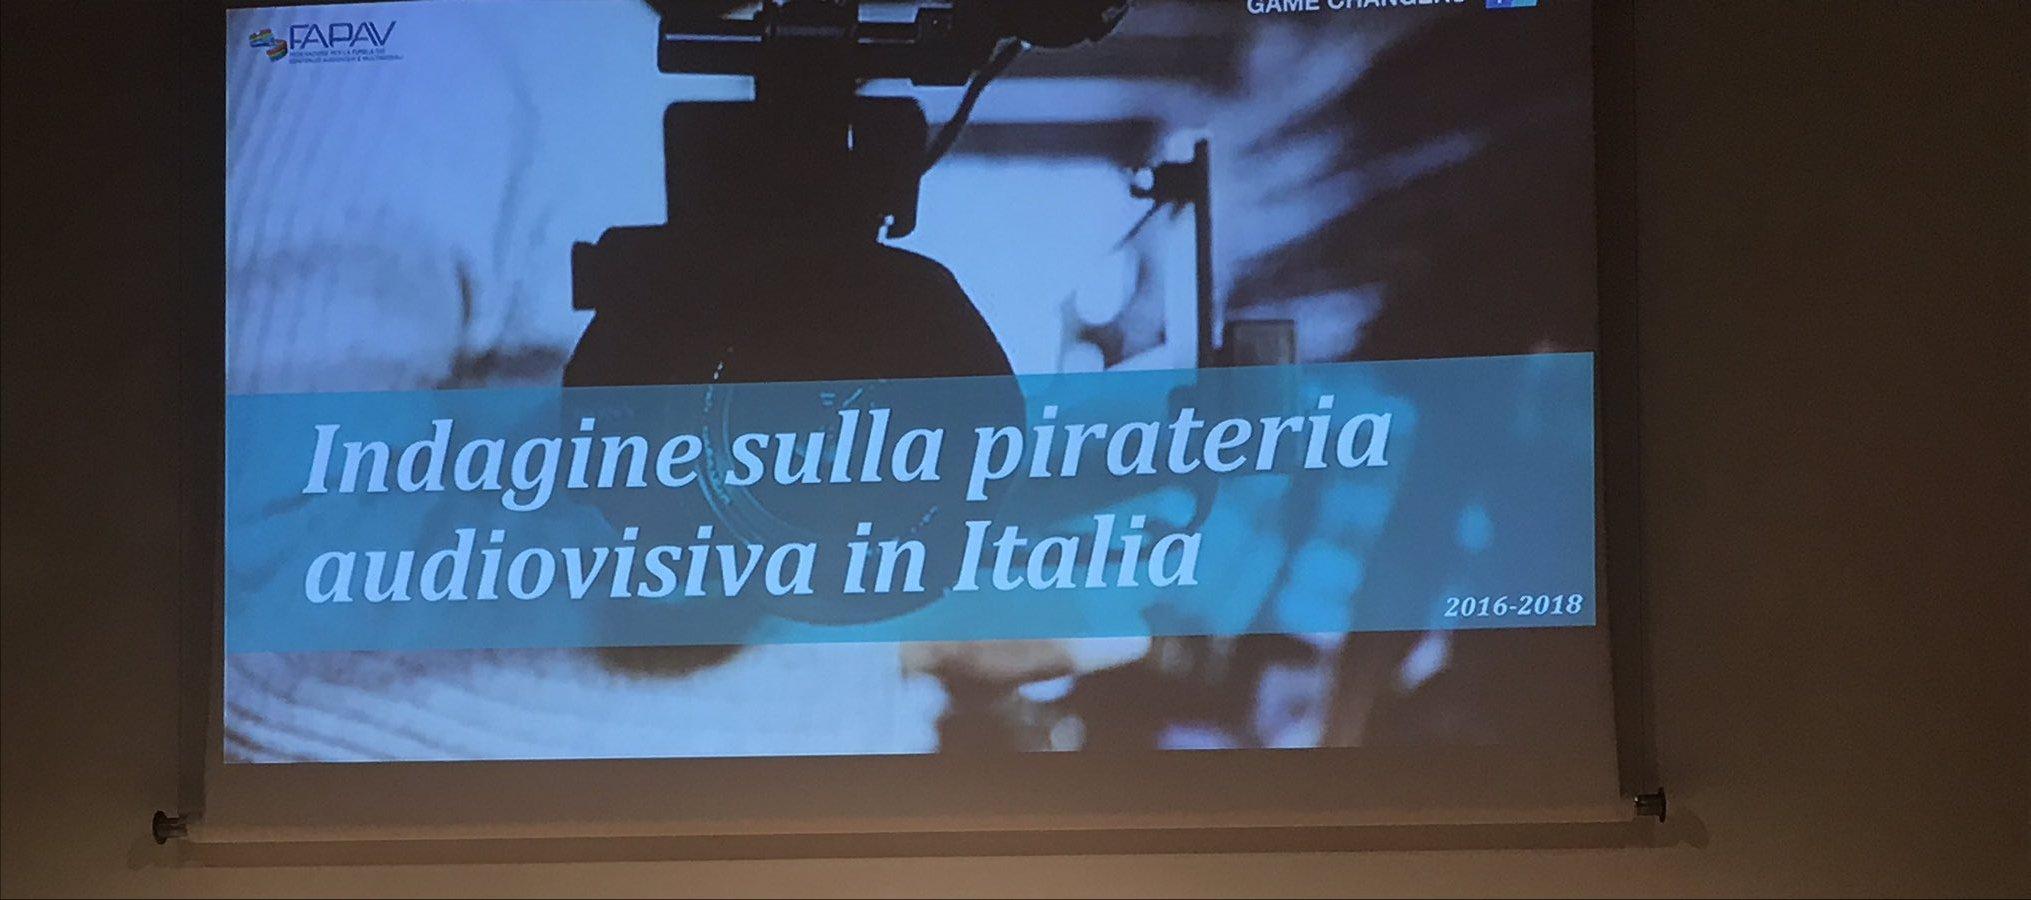 Pirateria Audiovisiva, denunciati anche i fruitori di contenuti illegali